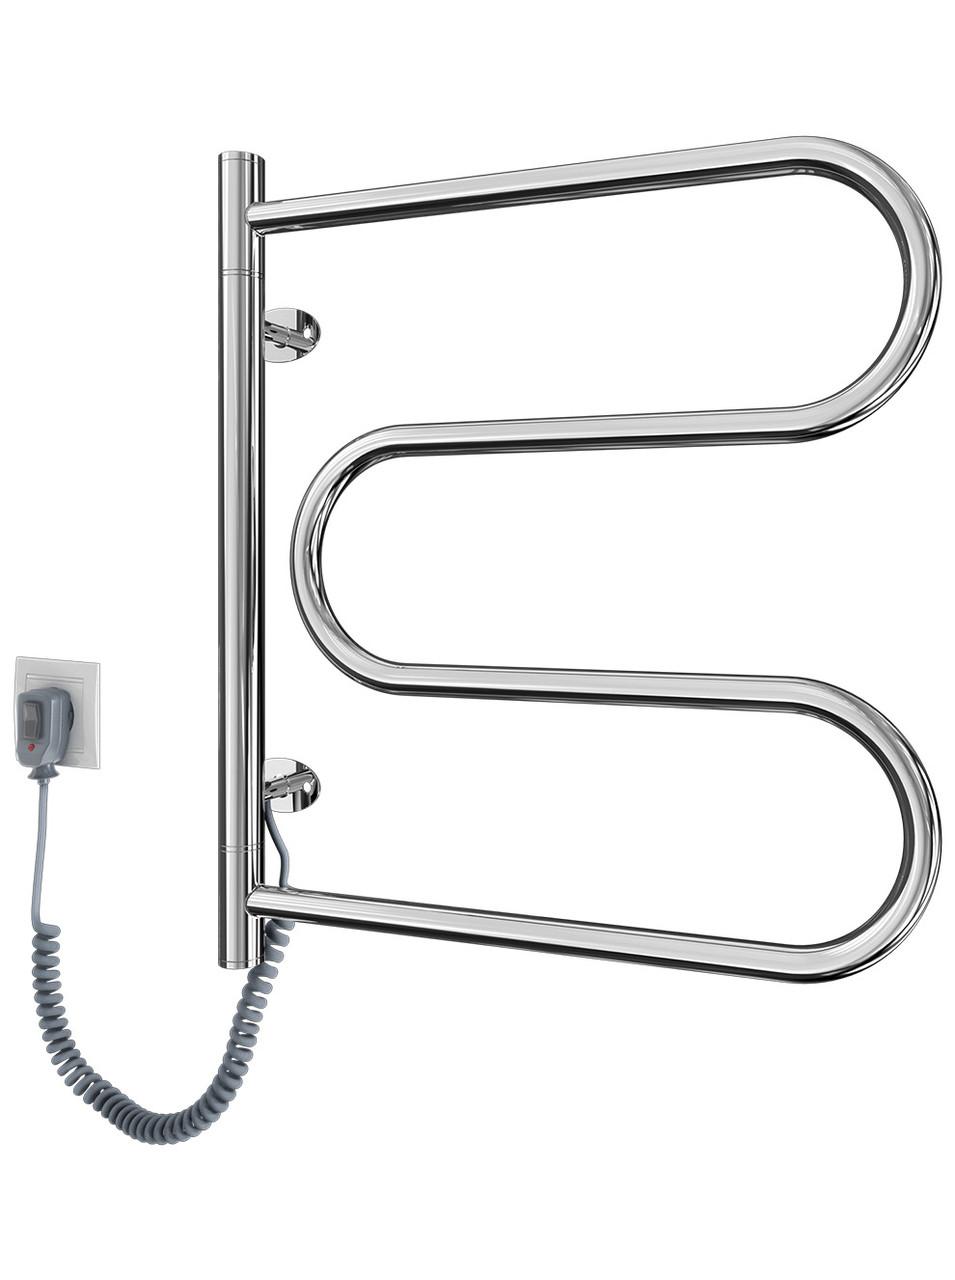 Электрический полотенцесушитель Лассо-I 550x520